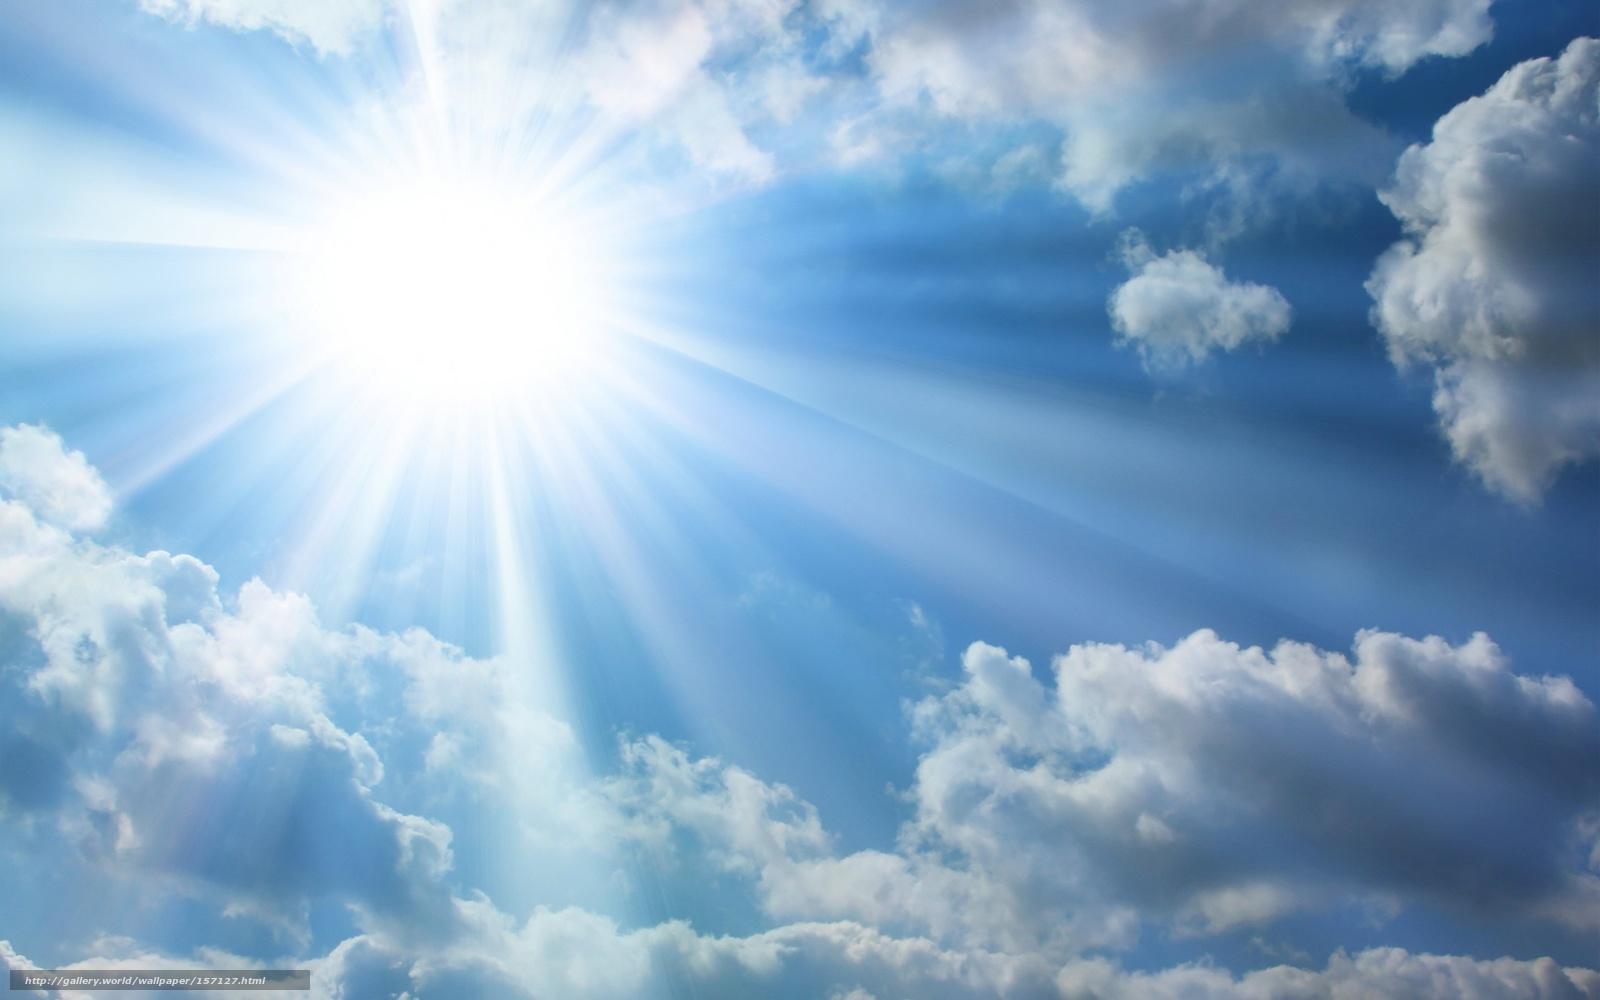 tlcharger fond d 39 ecran ciel soleil nuages rayons fonds d 39 ecran gratuits pour votre rsolution. Black Bedroom Furniture Sets. Home Design Ideas